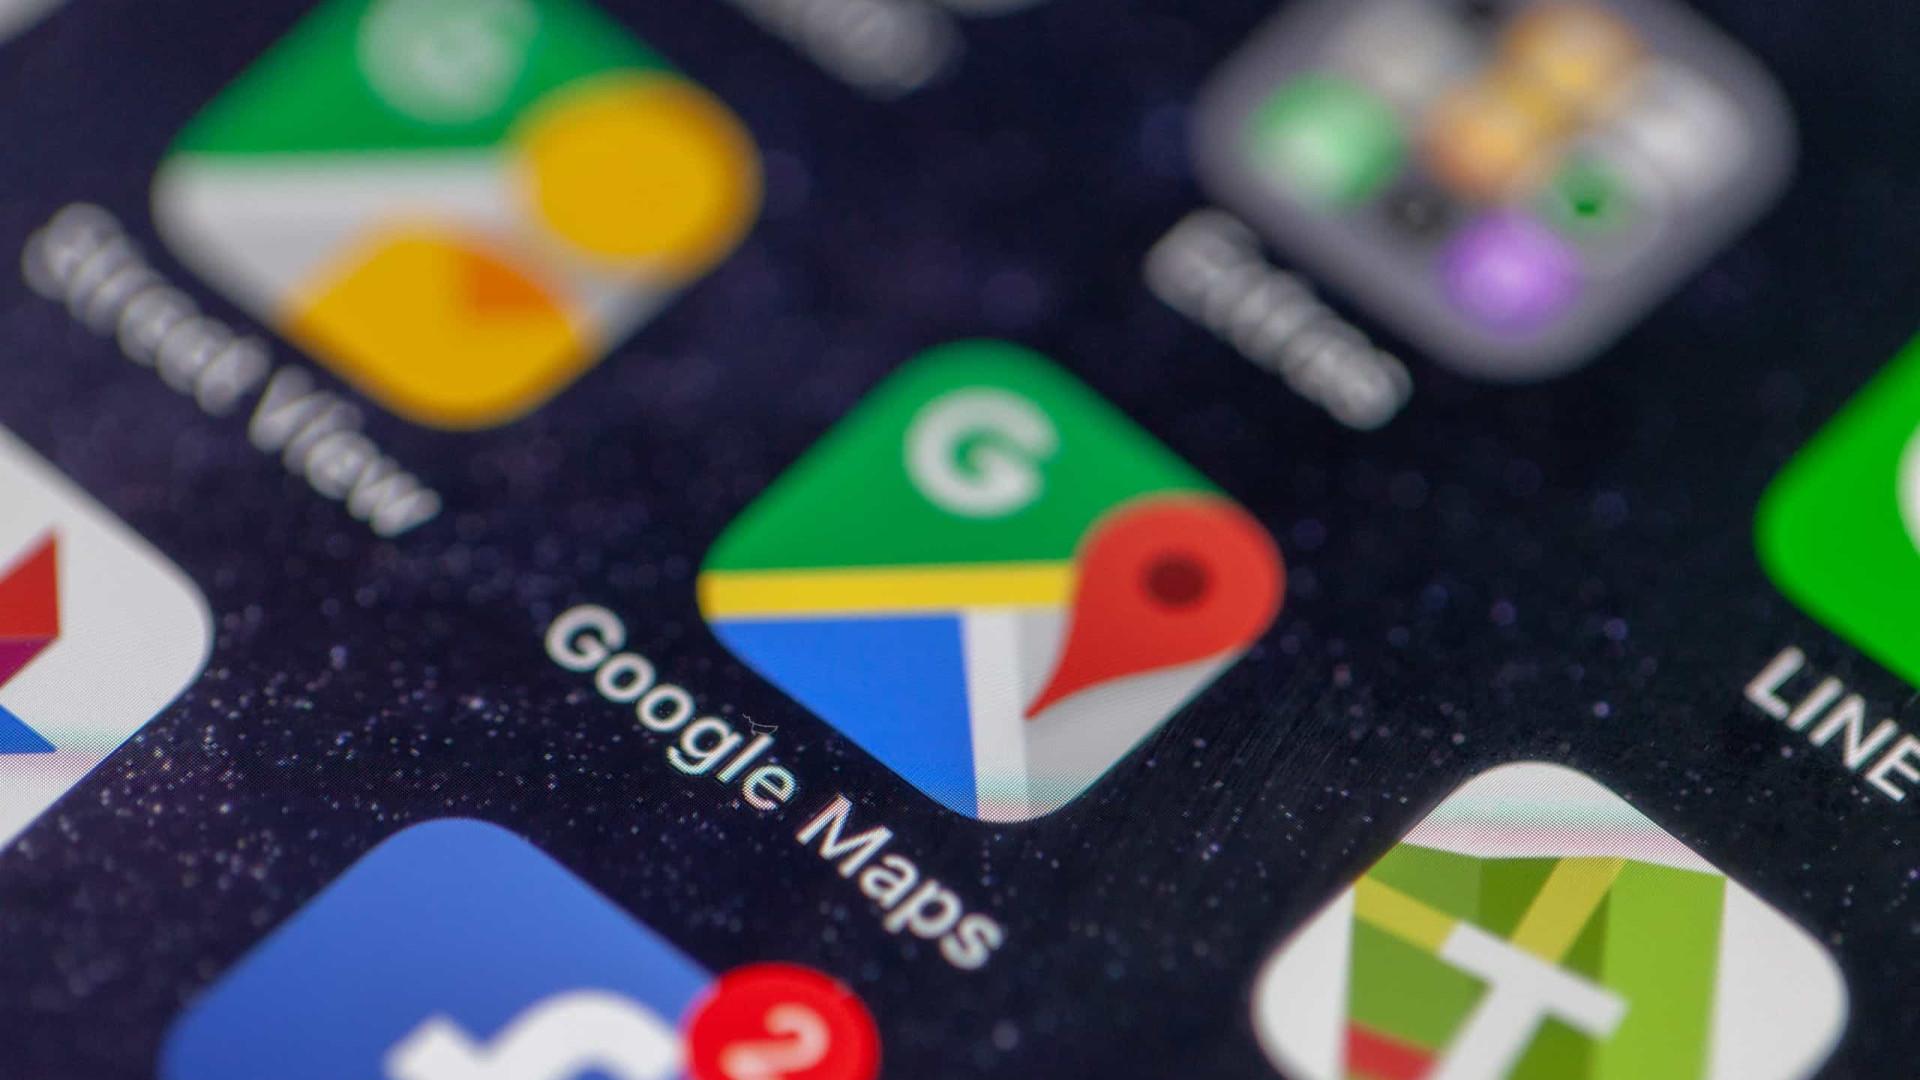 Tema escuro chega ao Google Maps